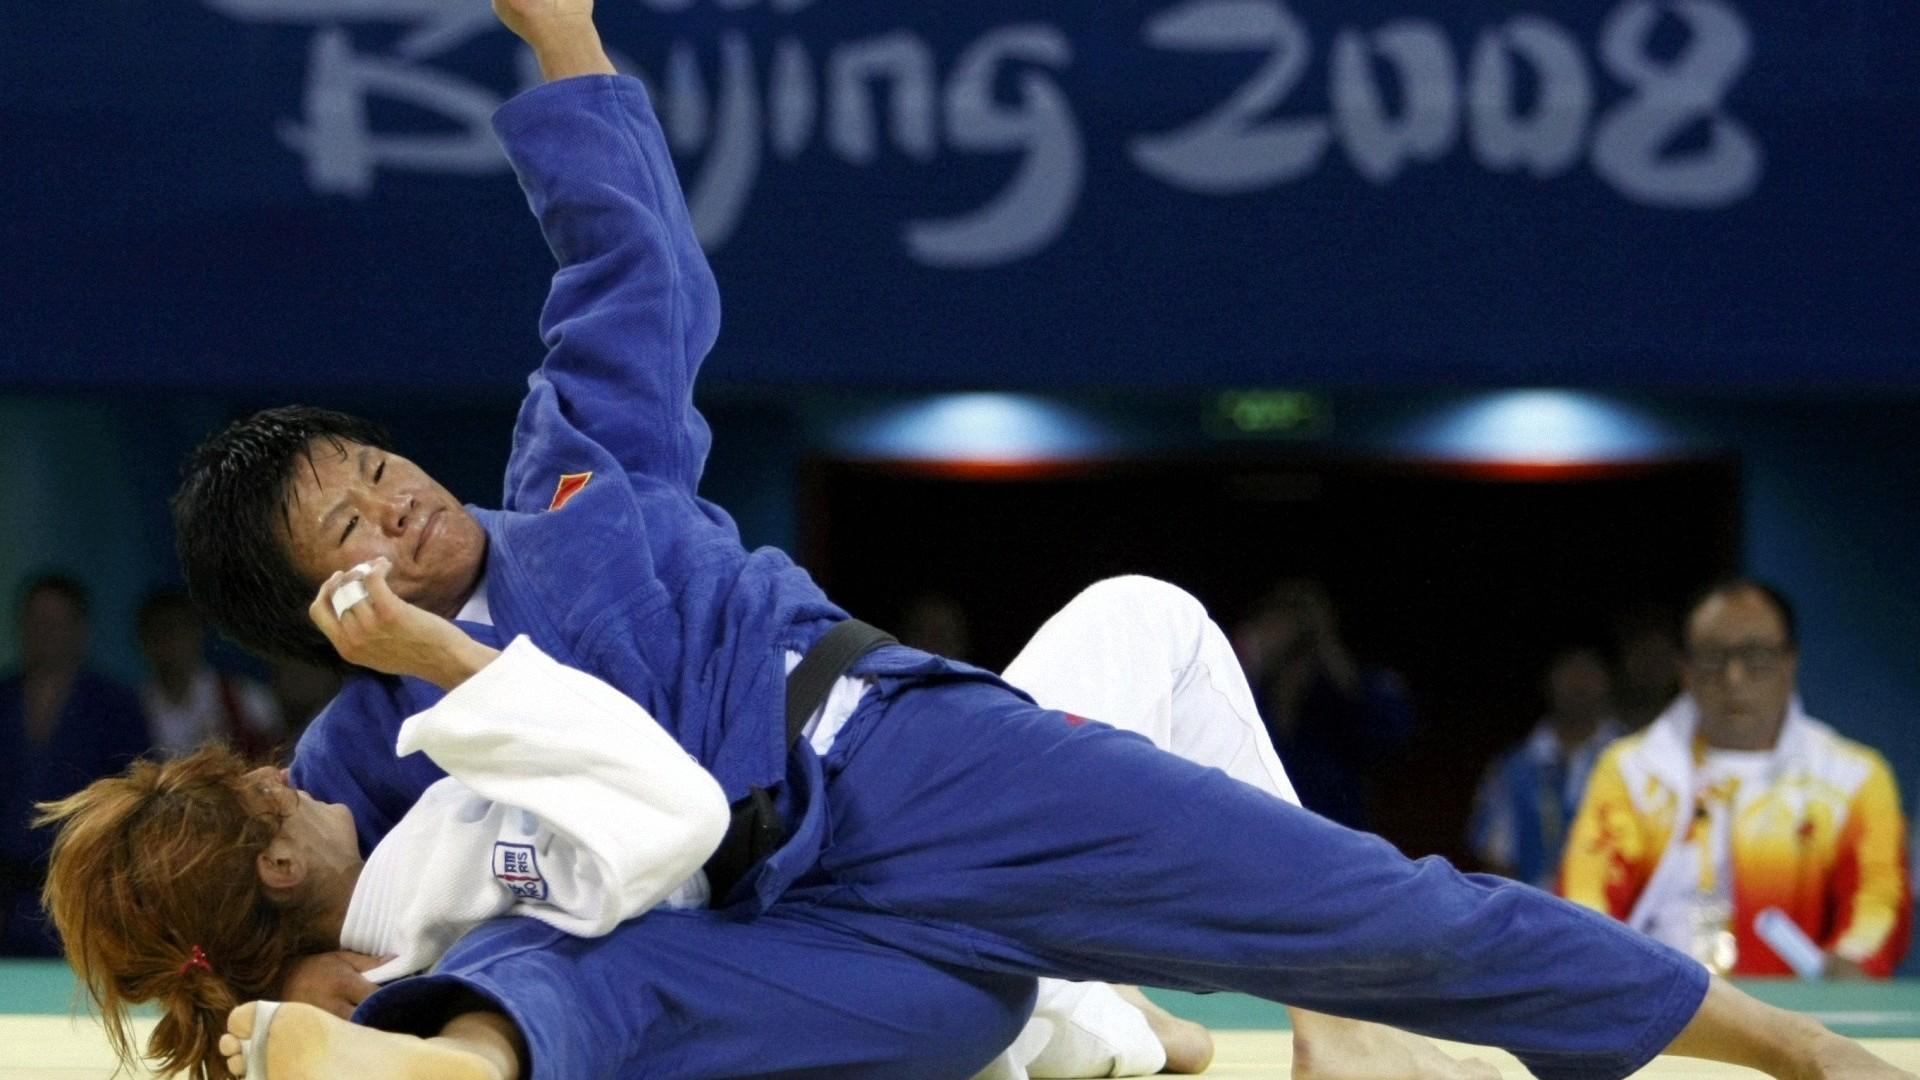 Judo Sport Wallpapers Download Desktop Wallpaper Images 1920x1080